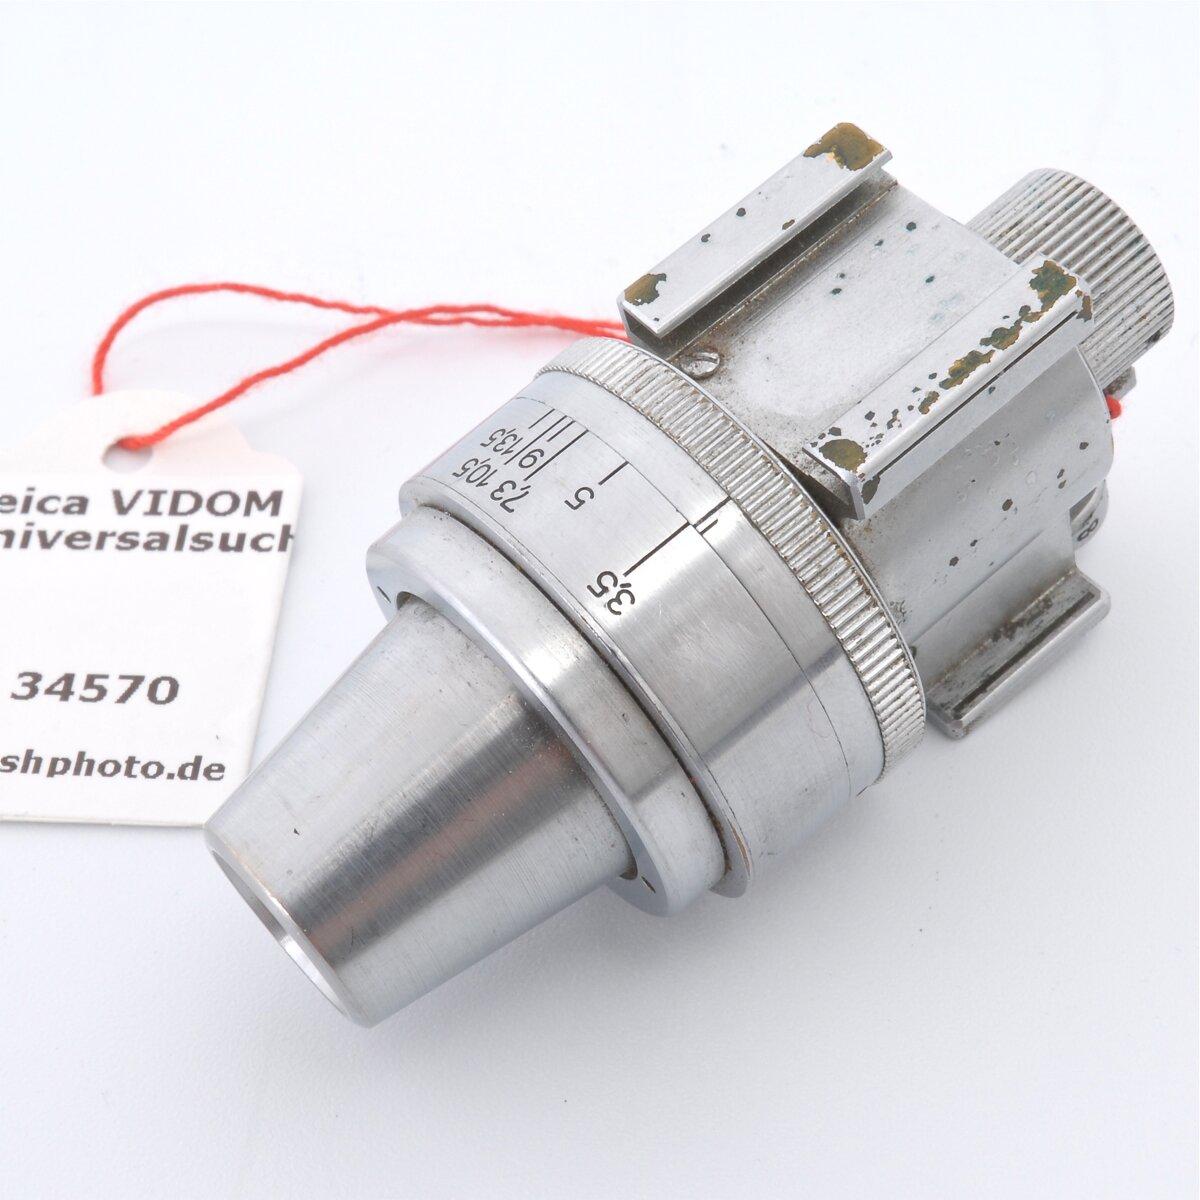 Leica VIDOM Universalsucher